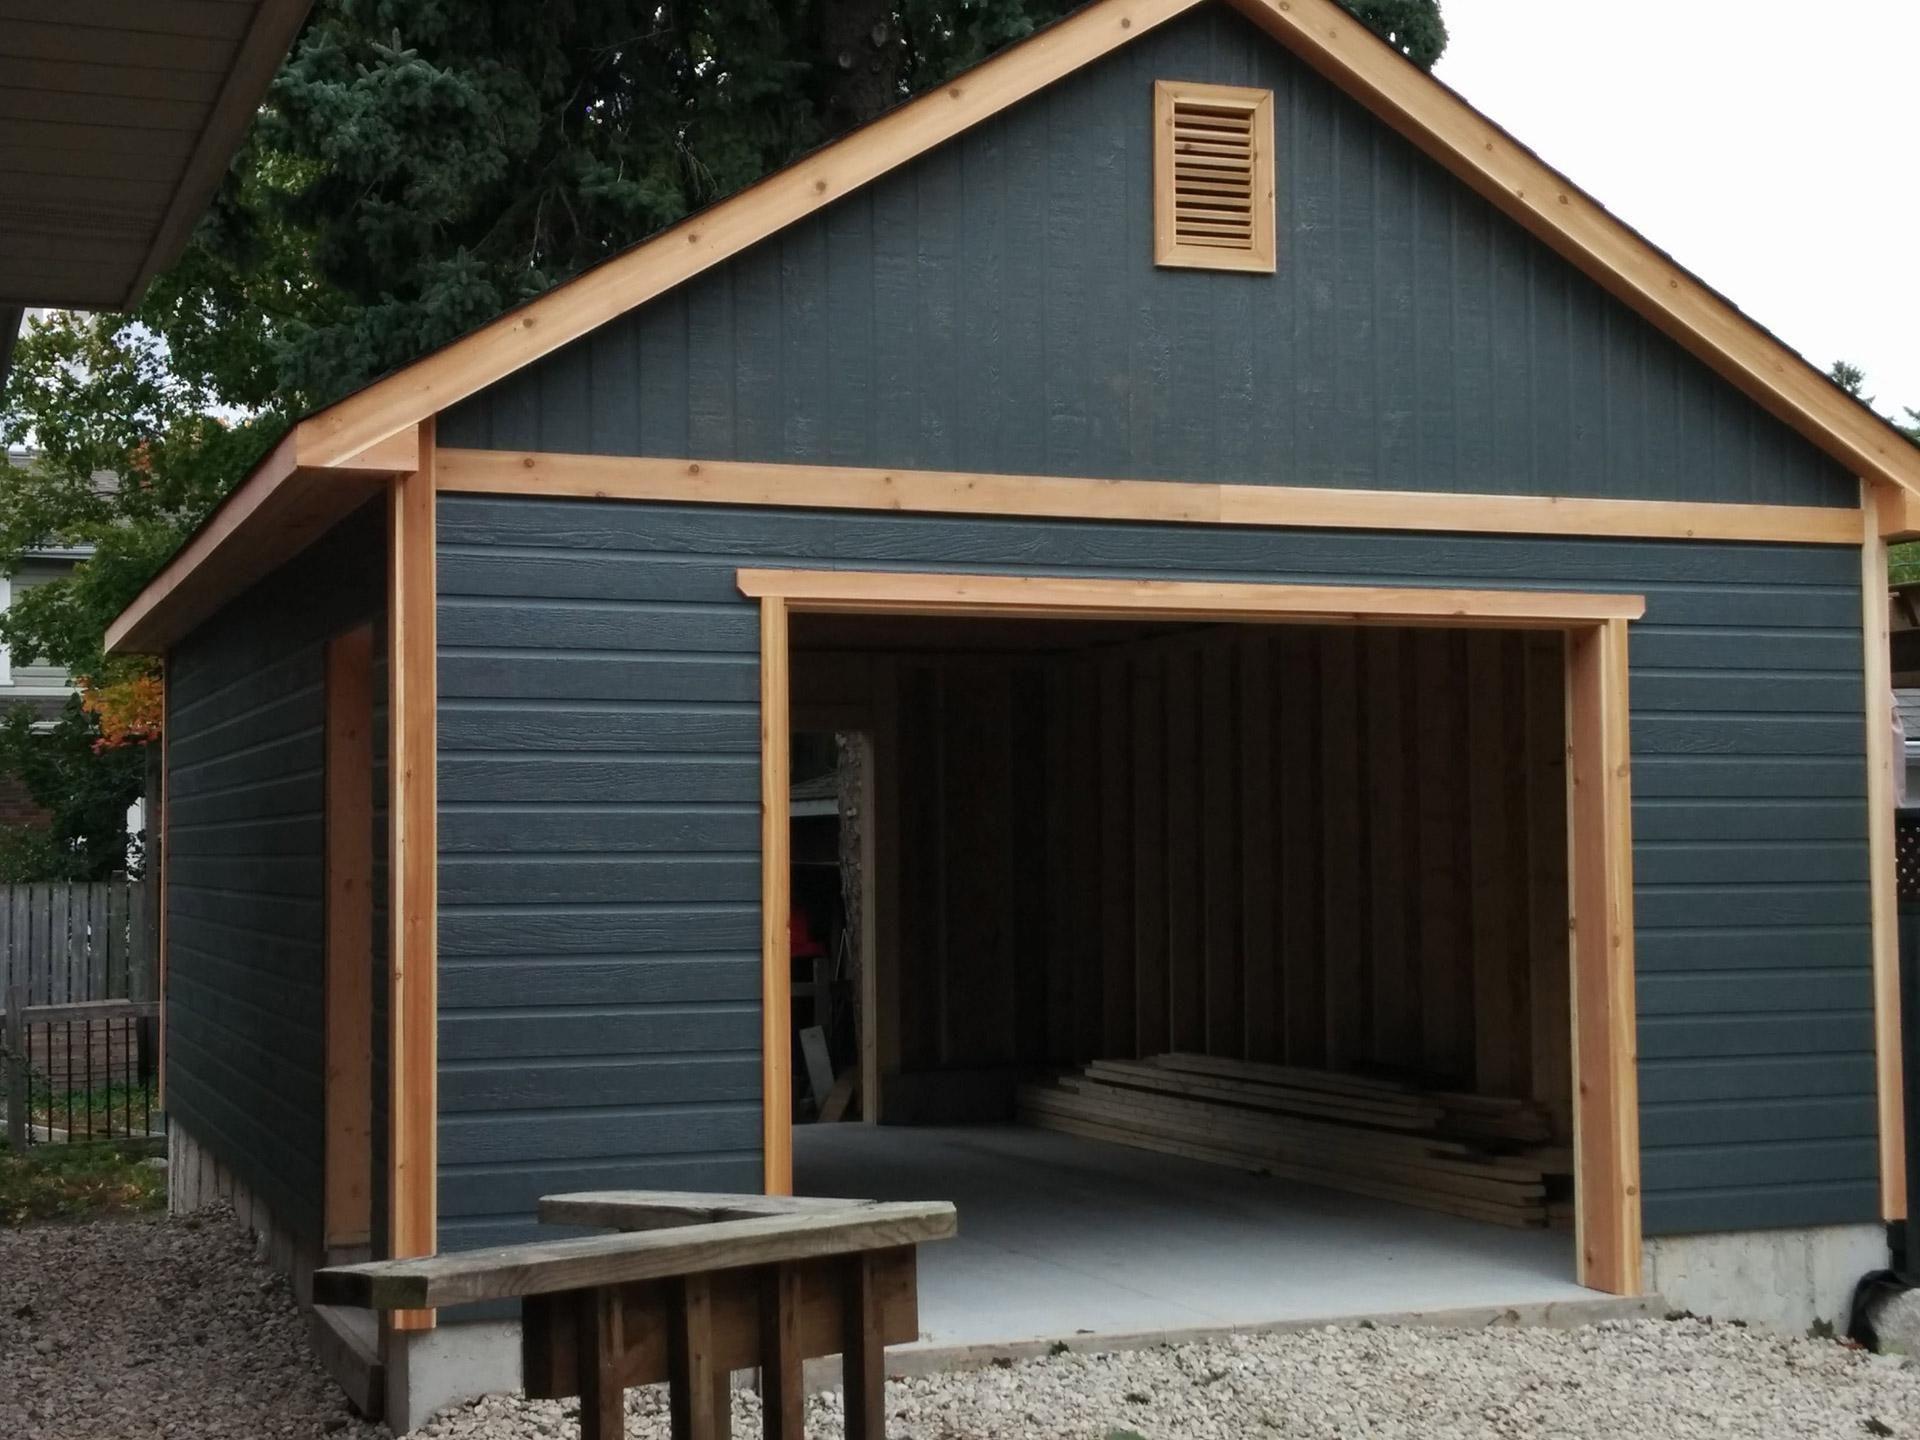 Highlands Garage Design Summerwood With Images Prefab Garages Garage Design Prefab